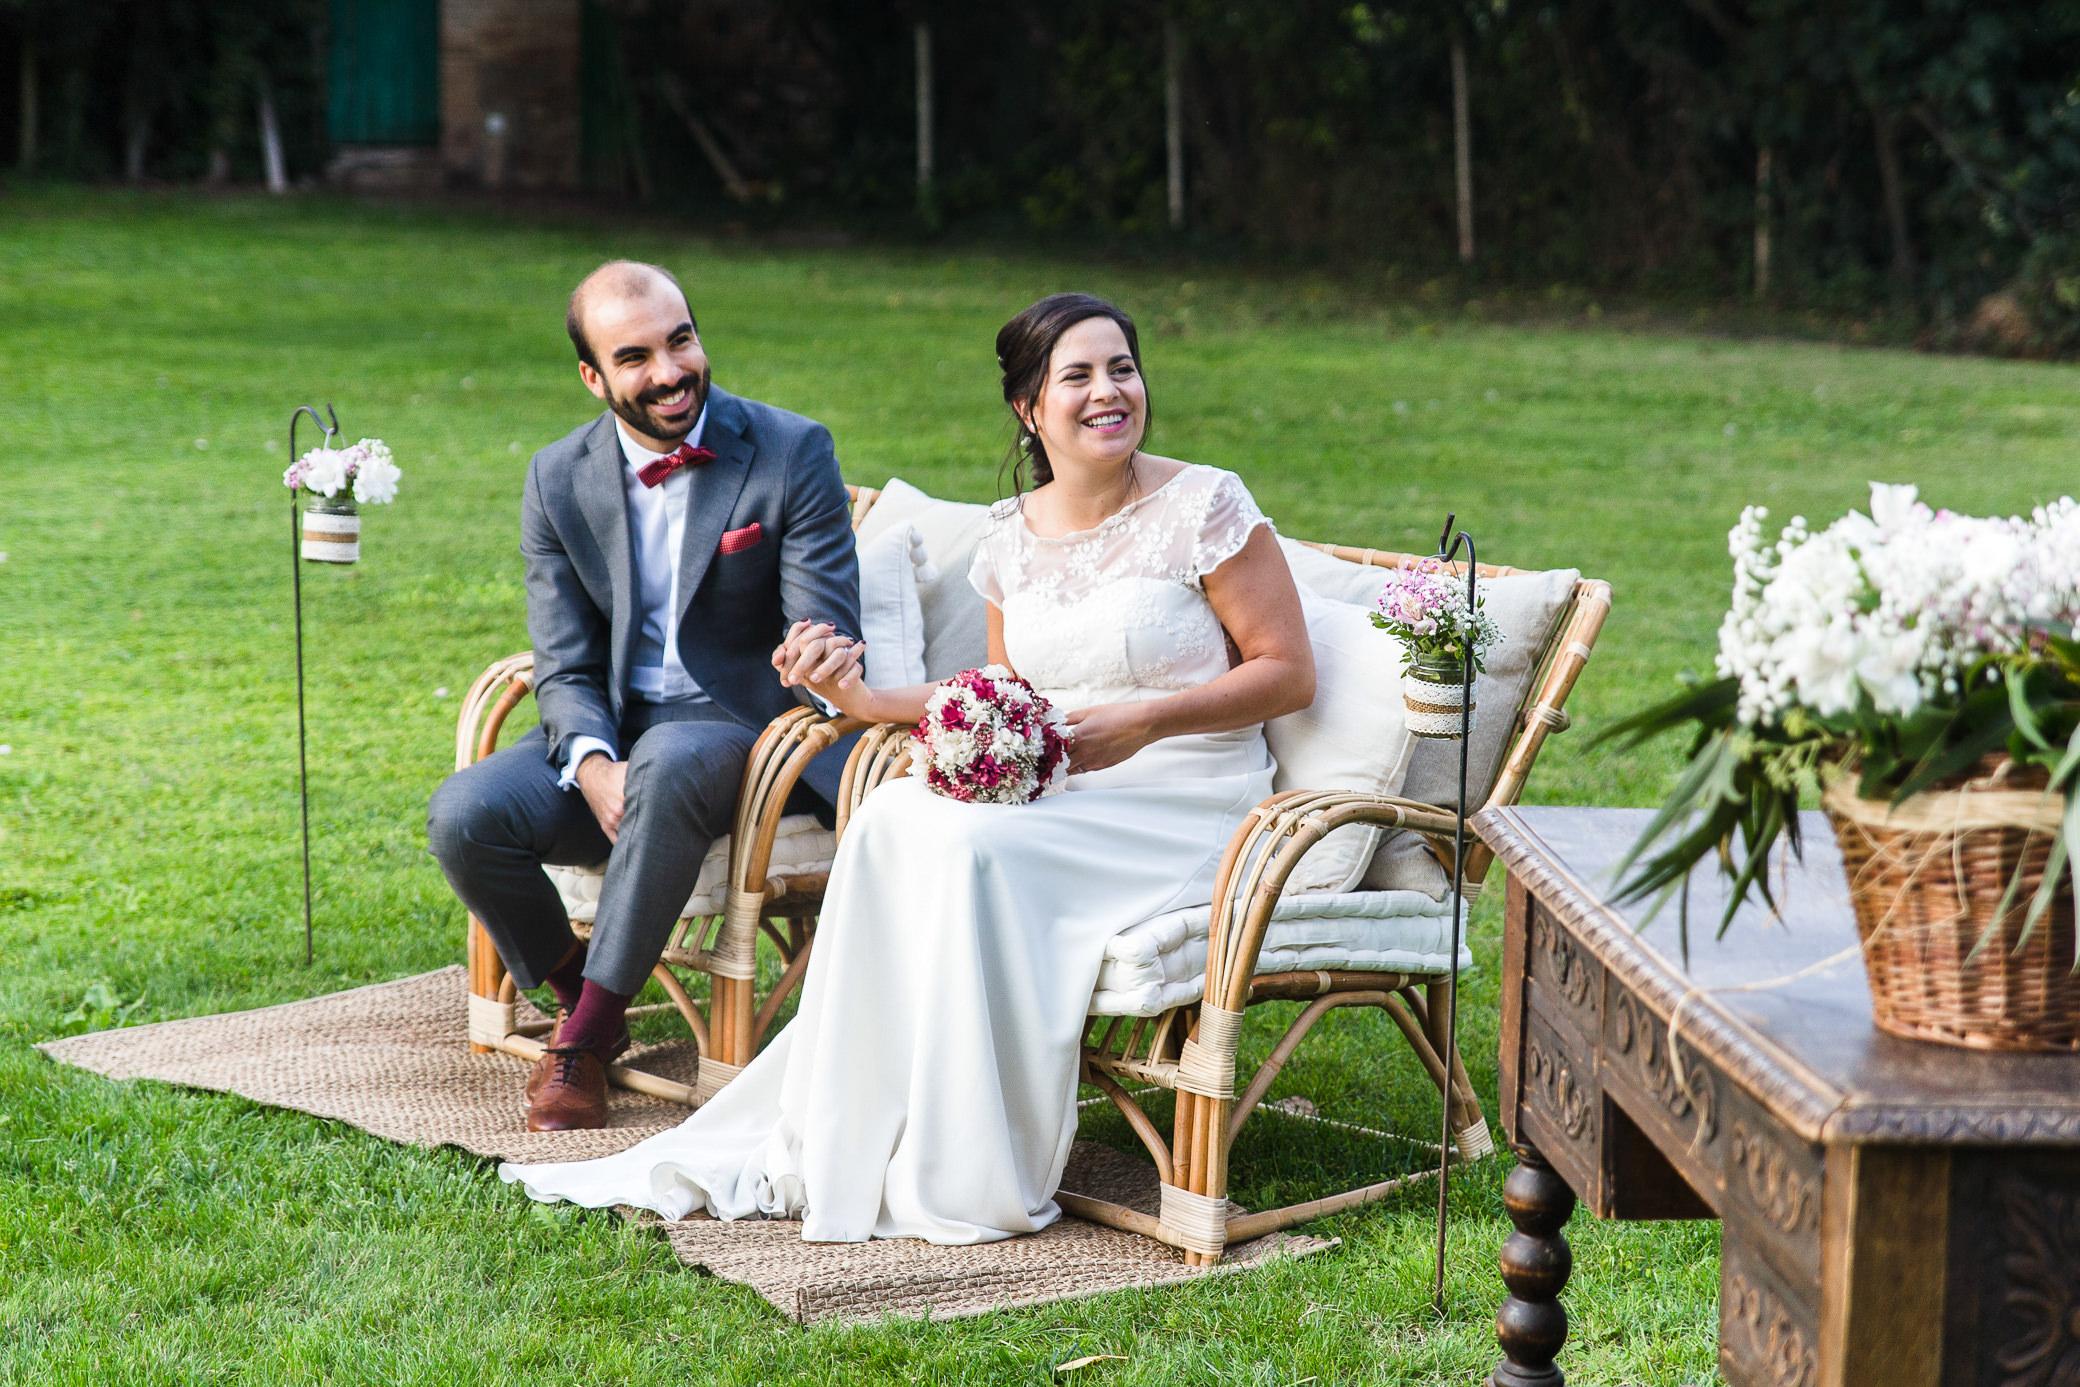 boda-espai-gastronomia-can-macia-photografeel-22.jpg